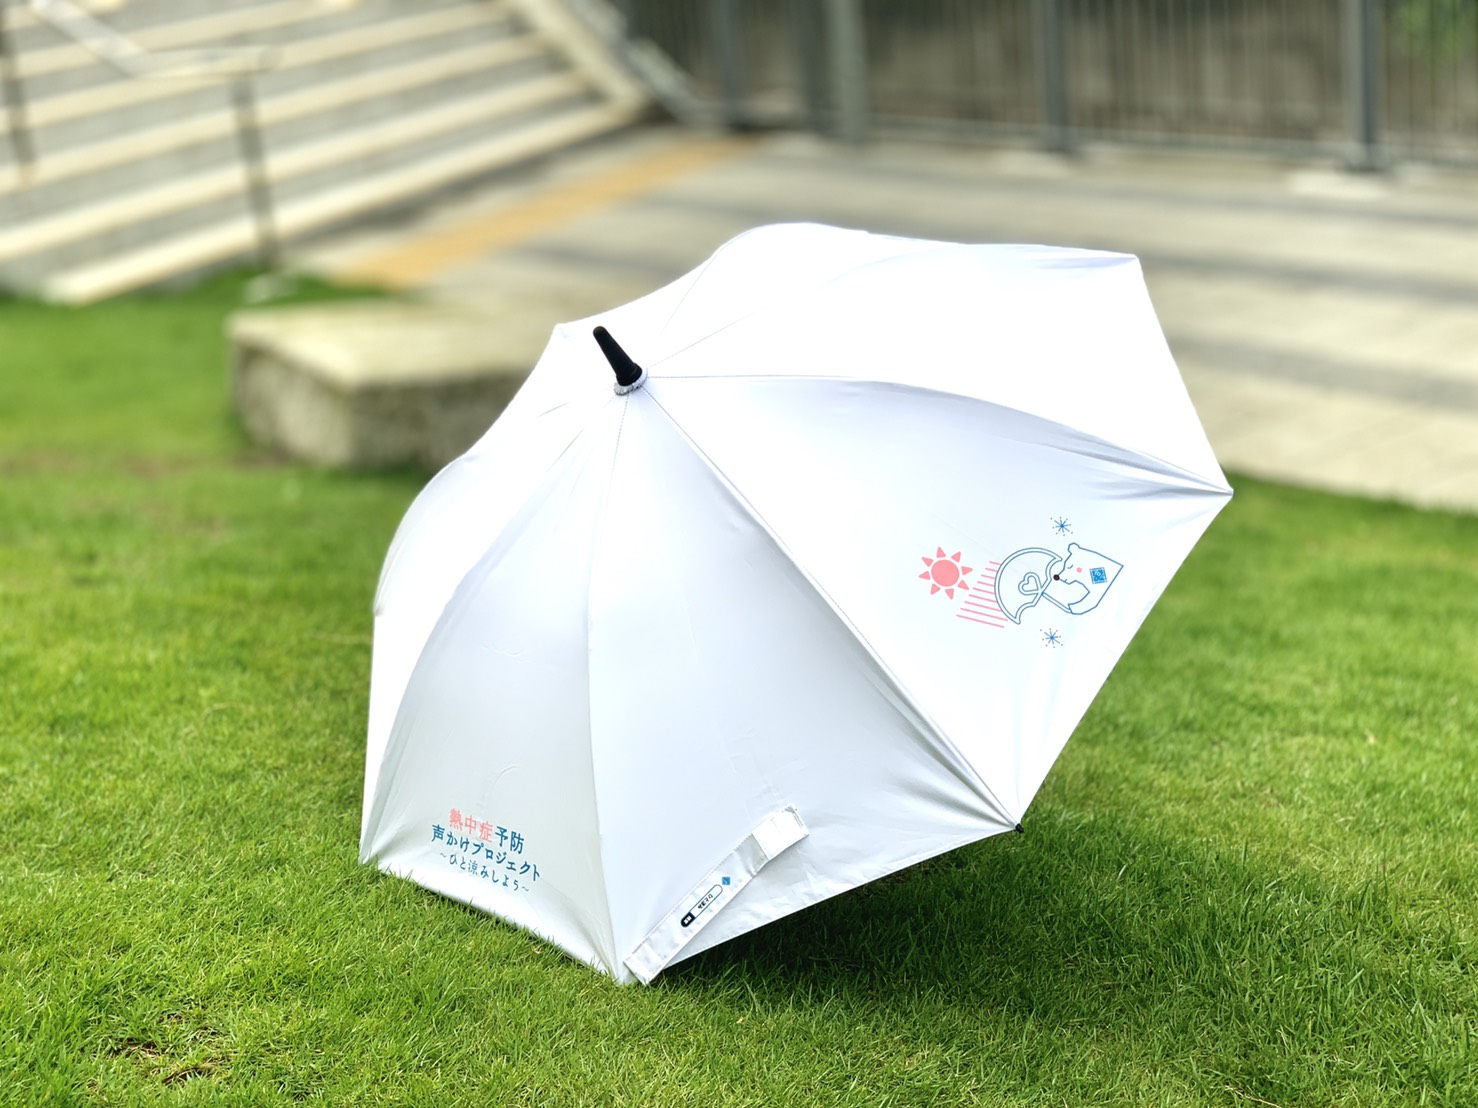 """傘のシェアリング「アイカサ」、官民一体で取り組む""""熱中症予防声かけプロジェクト""""と連携して日傘仕様のアイカサをリリース"""